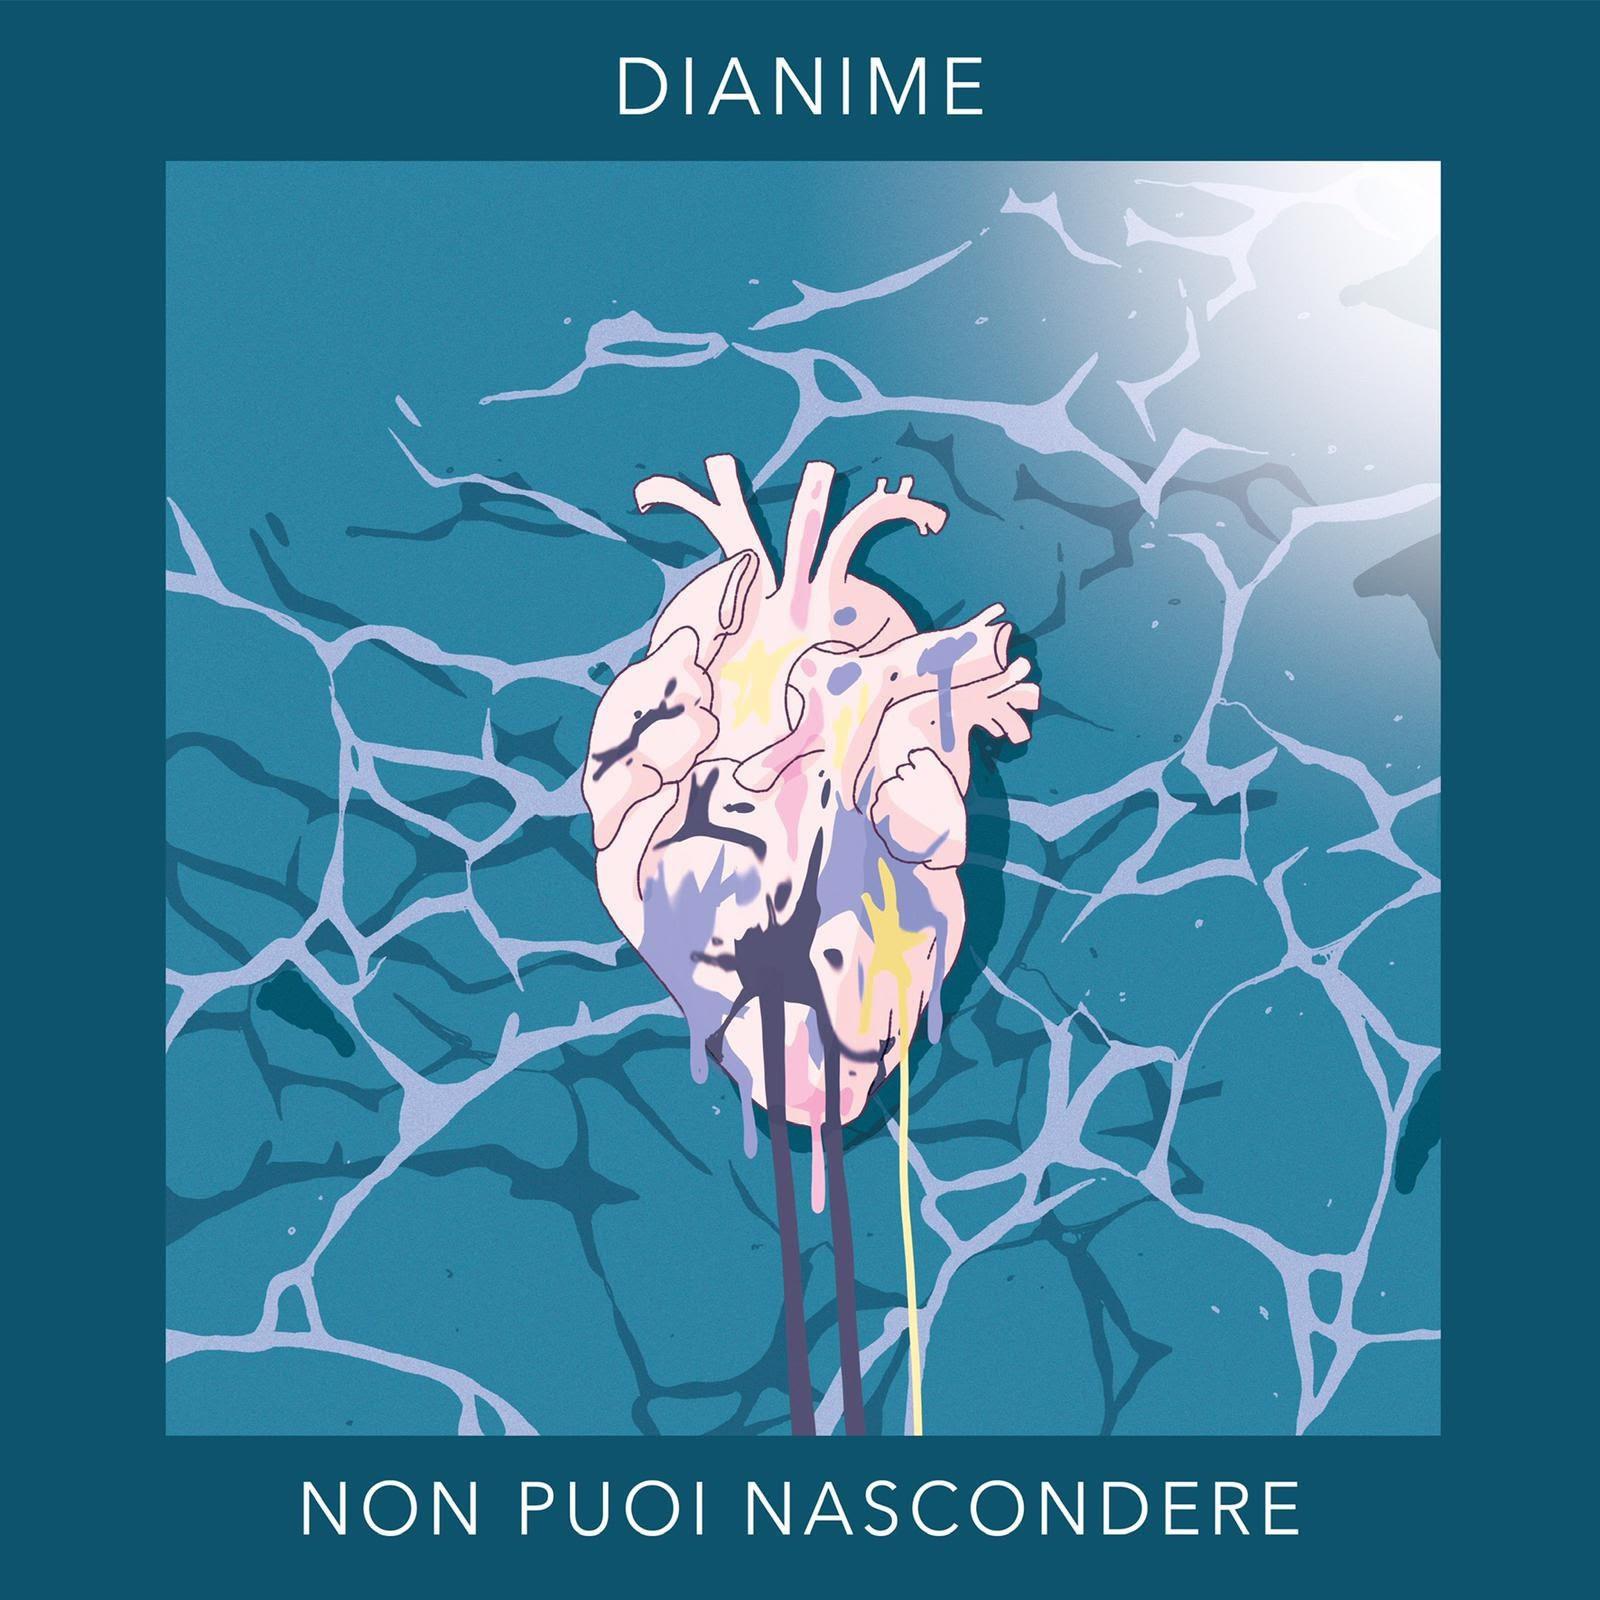 DIANIME 1